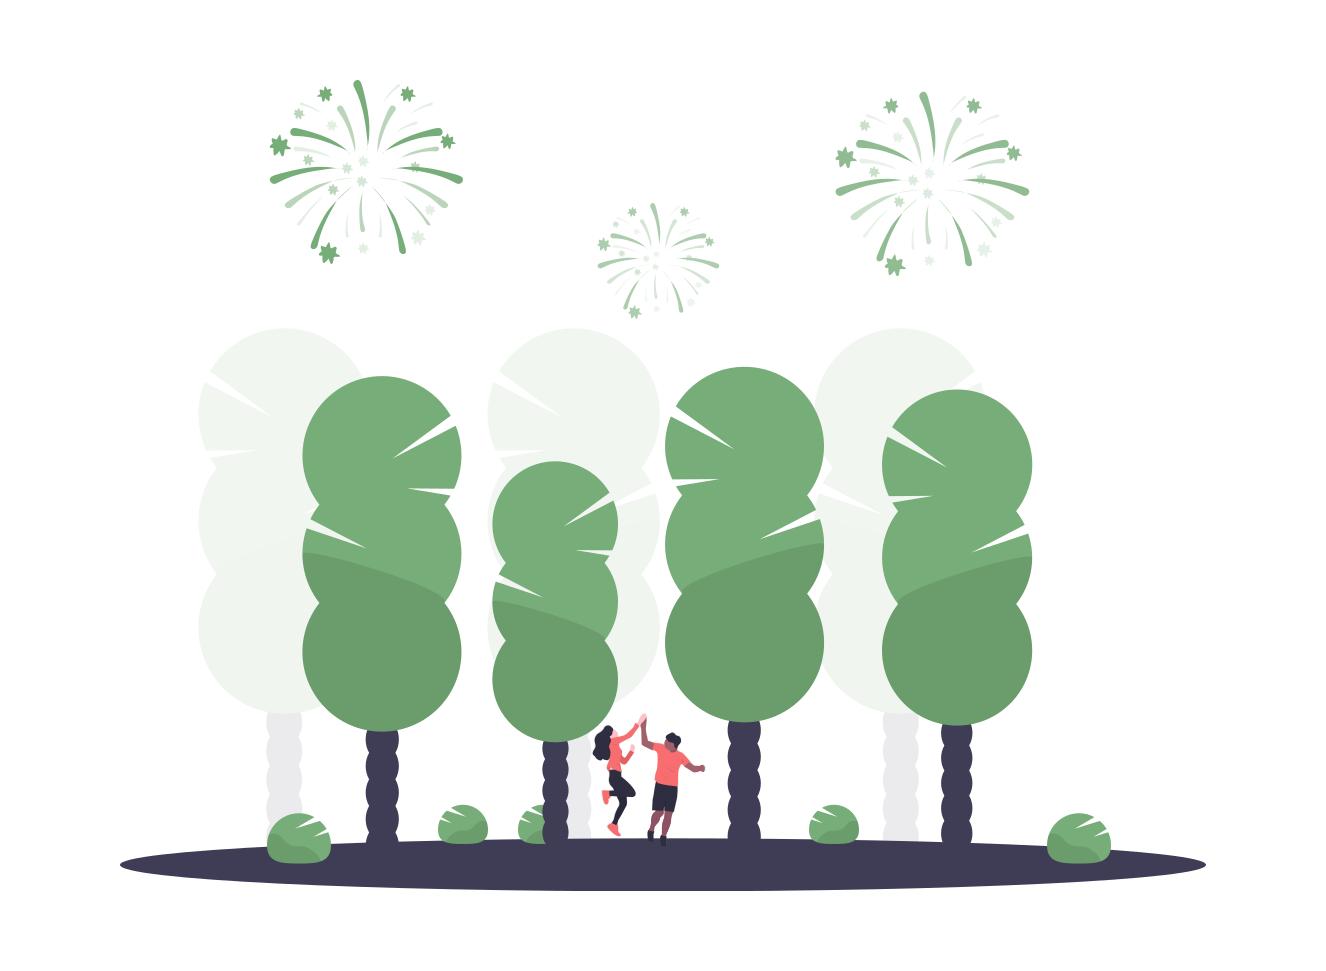 Eine illustrative Veranschaulichung von Festen und Veranstaltungen.